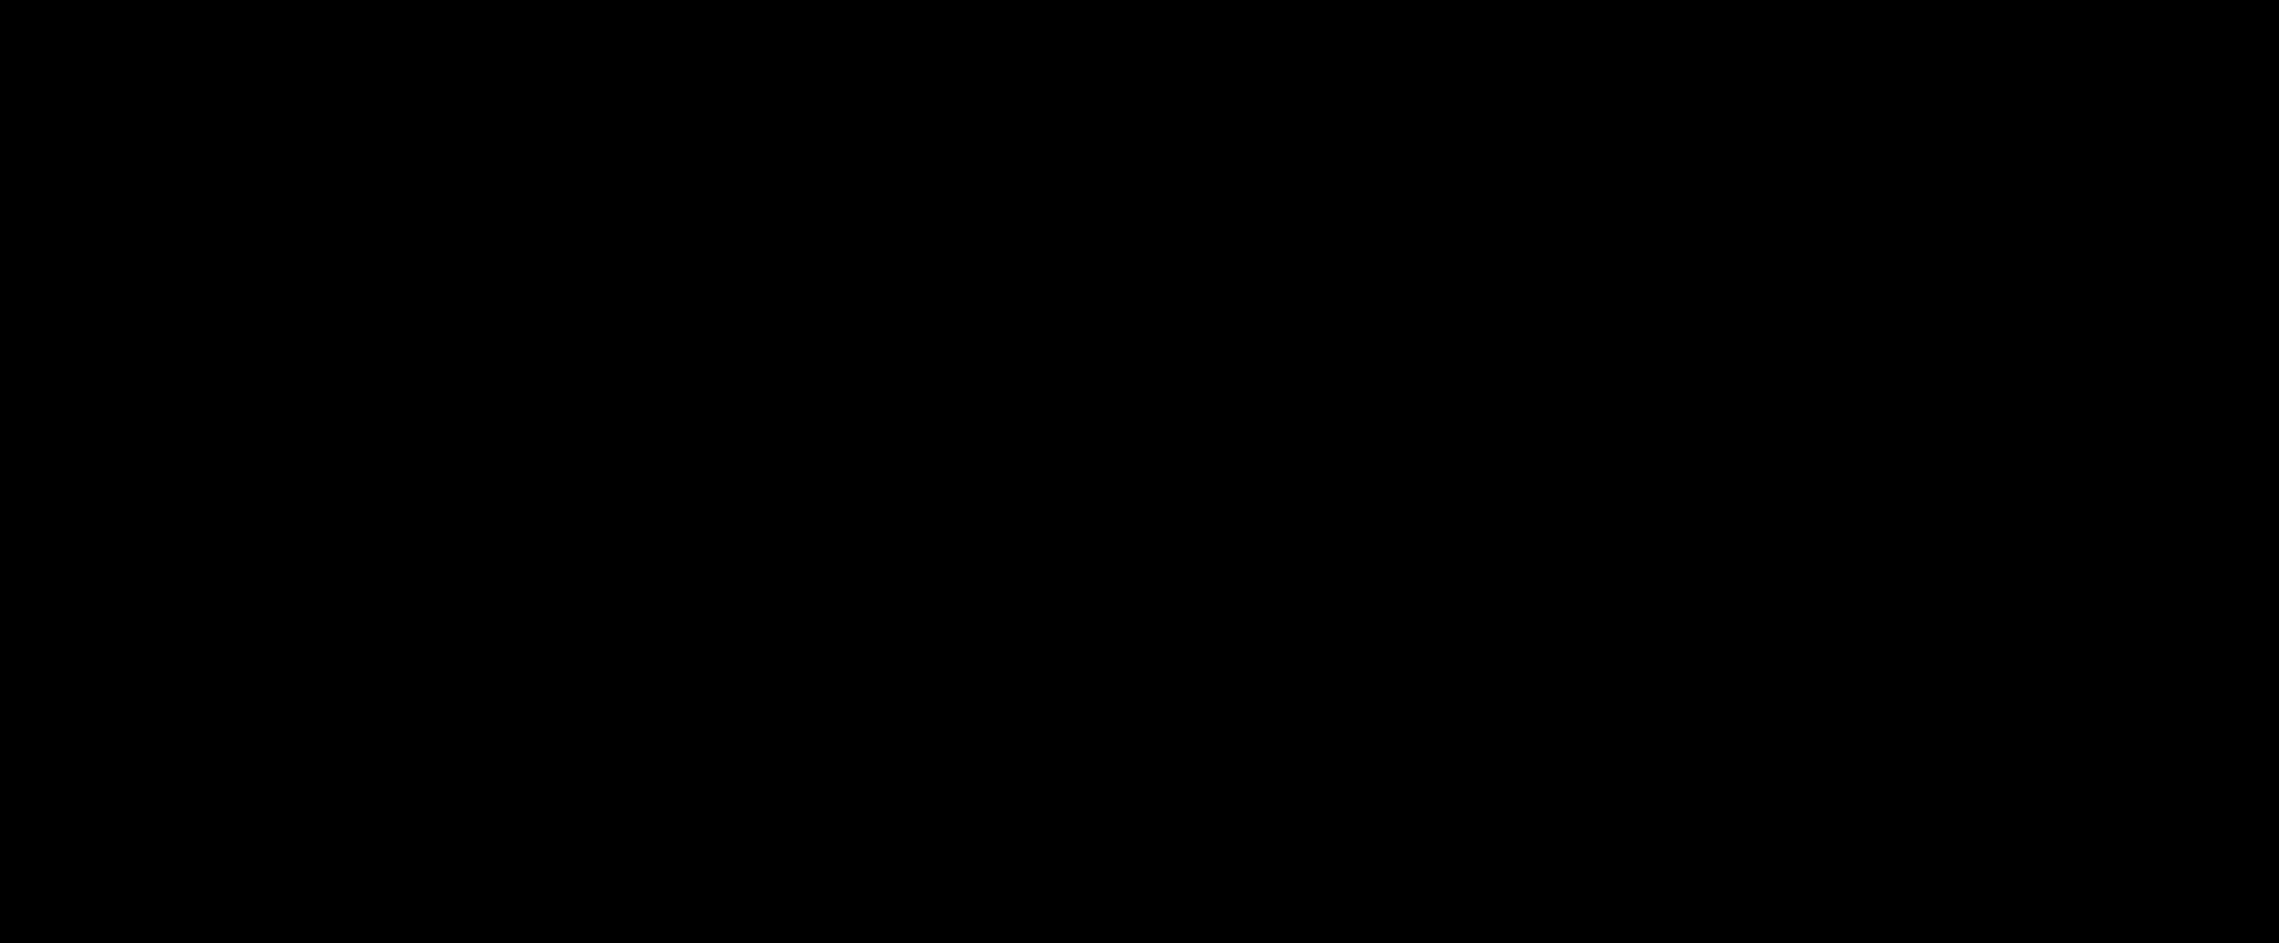 clipart fish icon